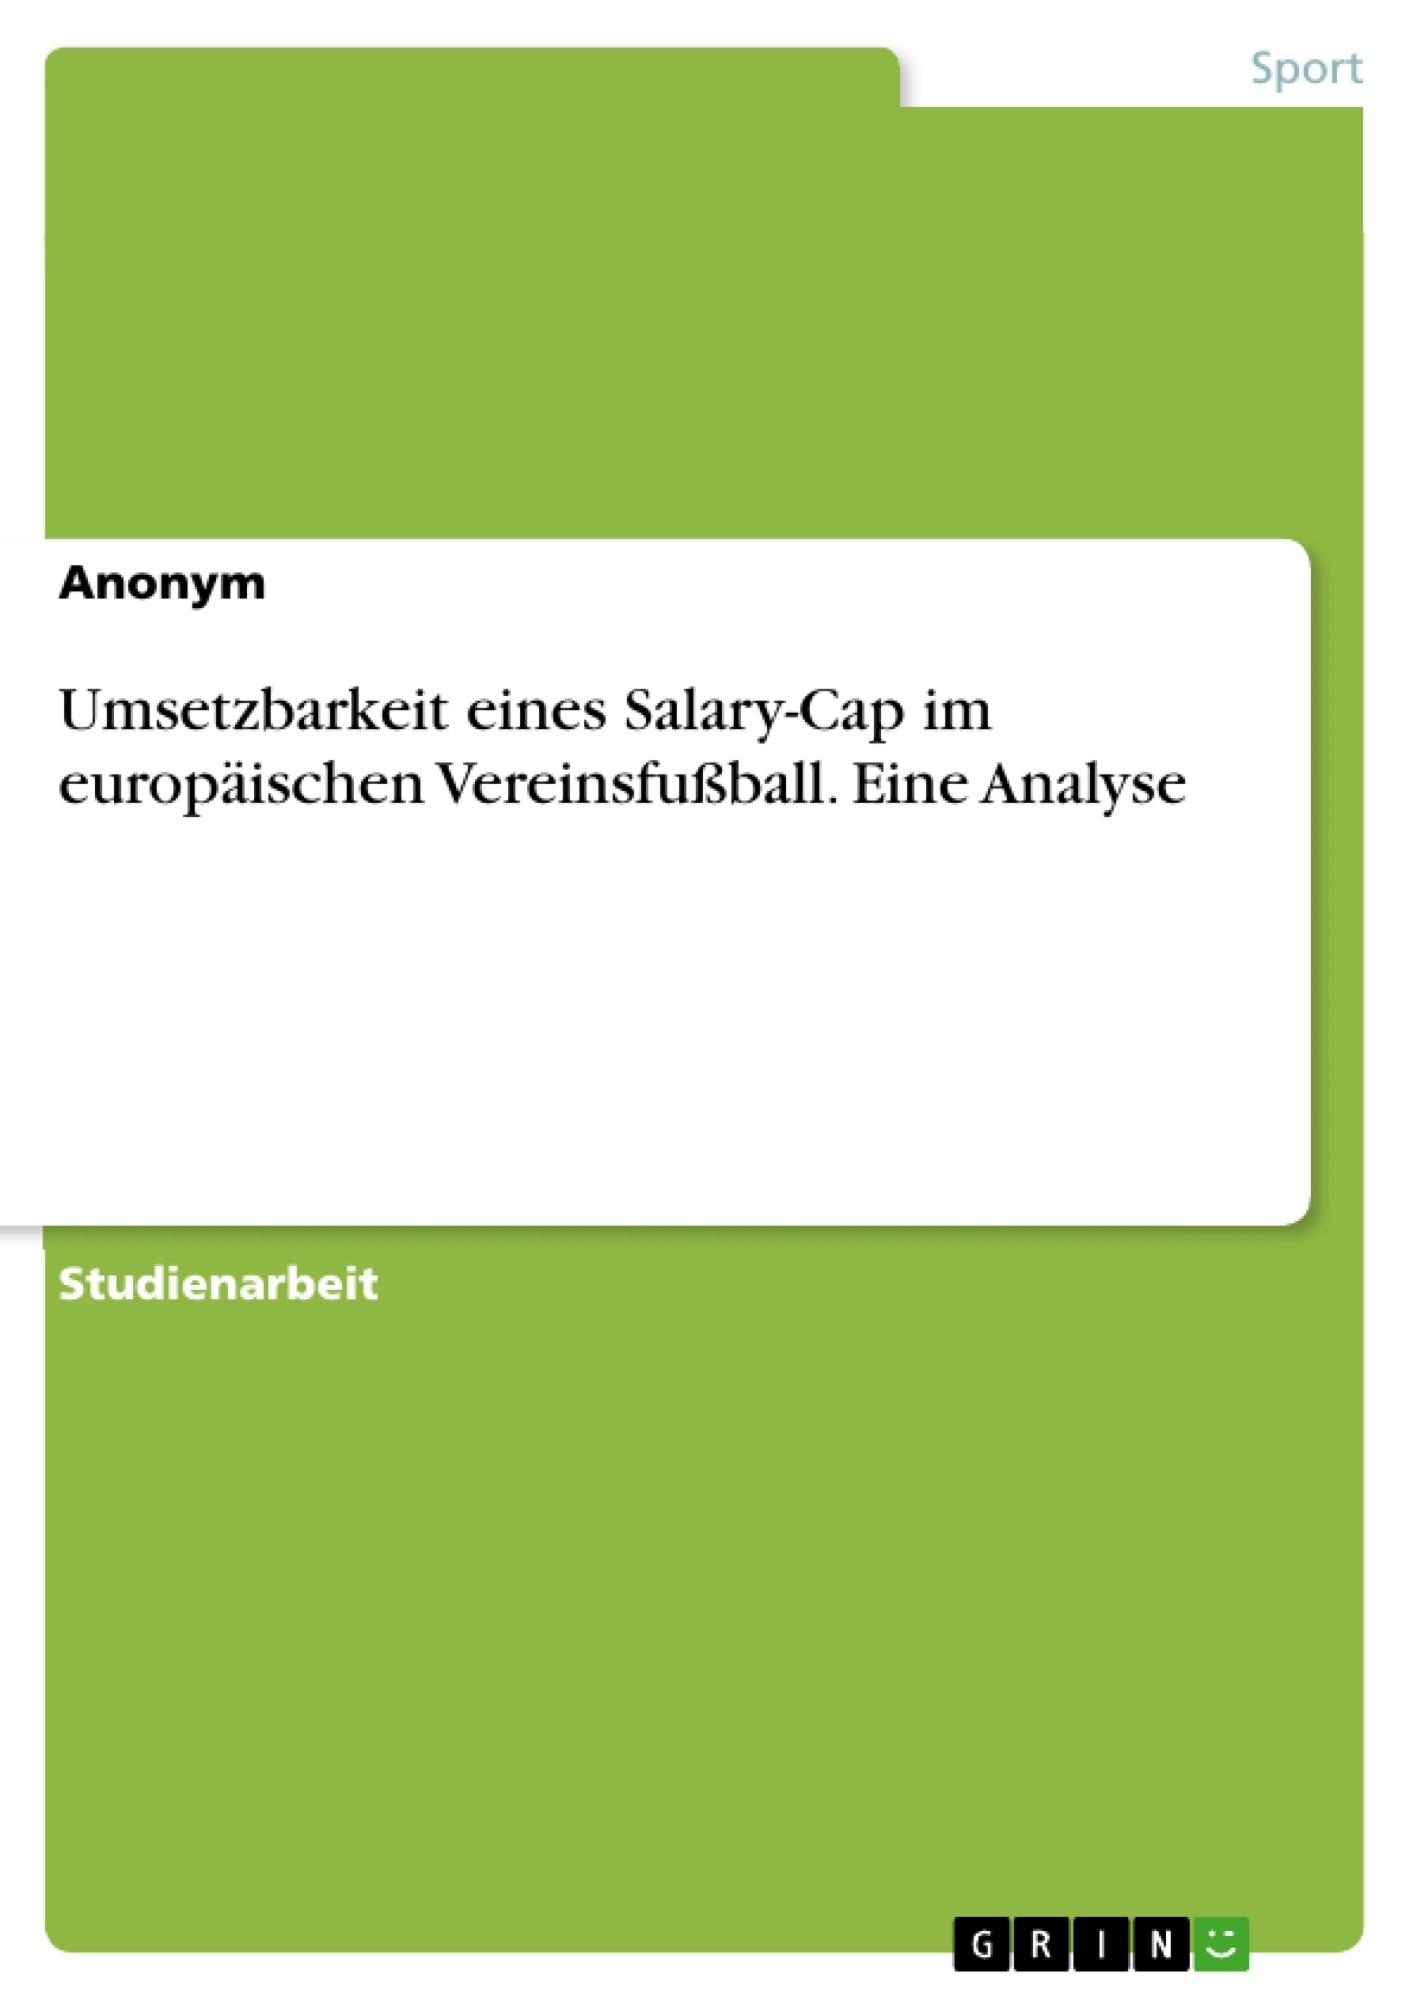 Titel: Umsetzbarkeit eines Salary-Cap im europäischen Vereinsfußball. Eine Analyse